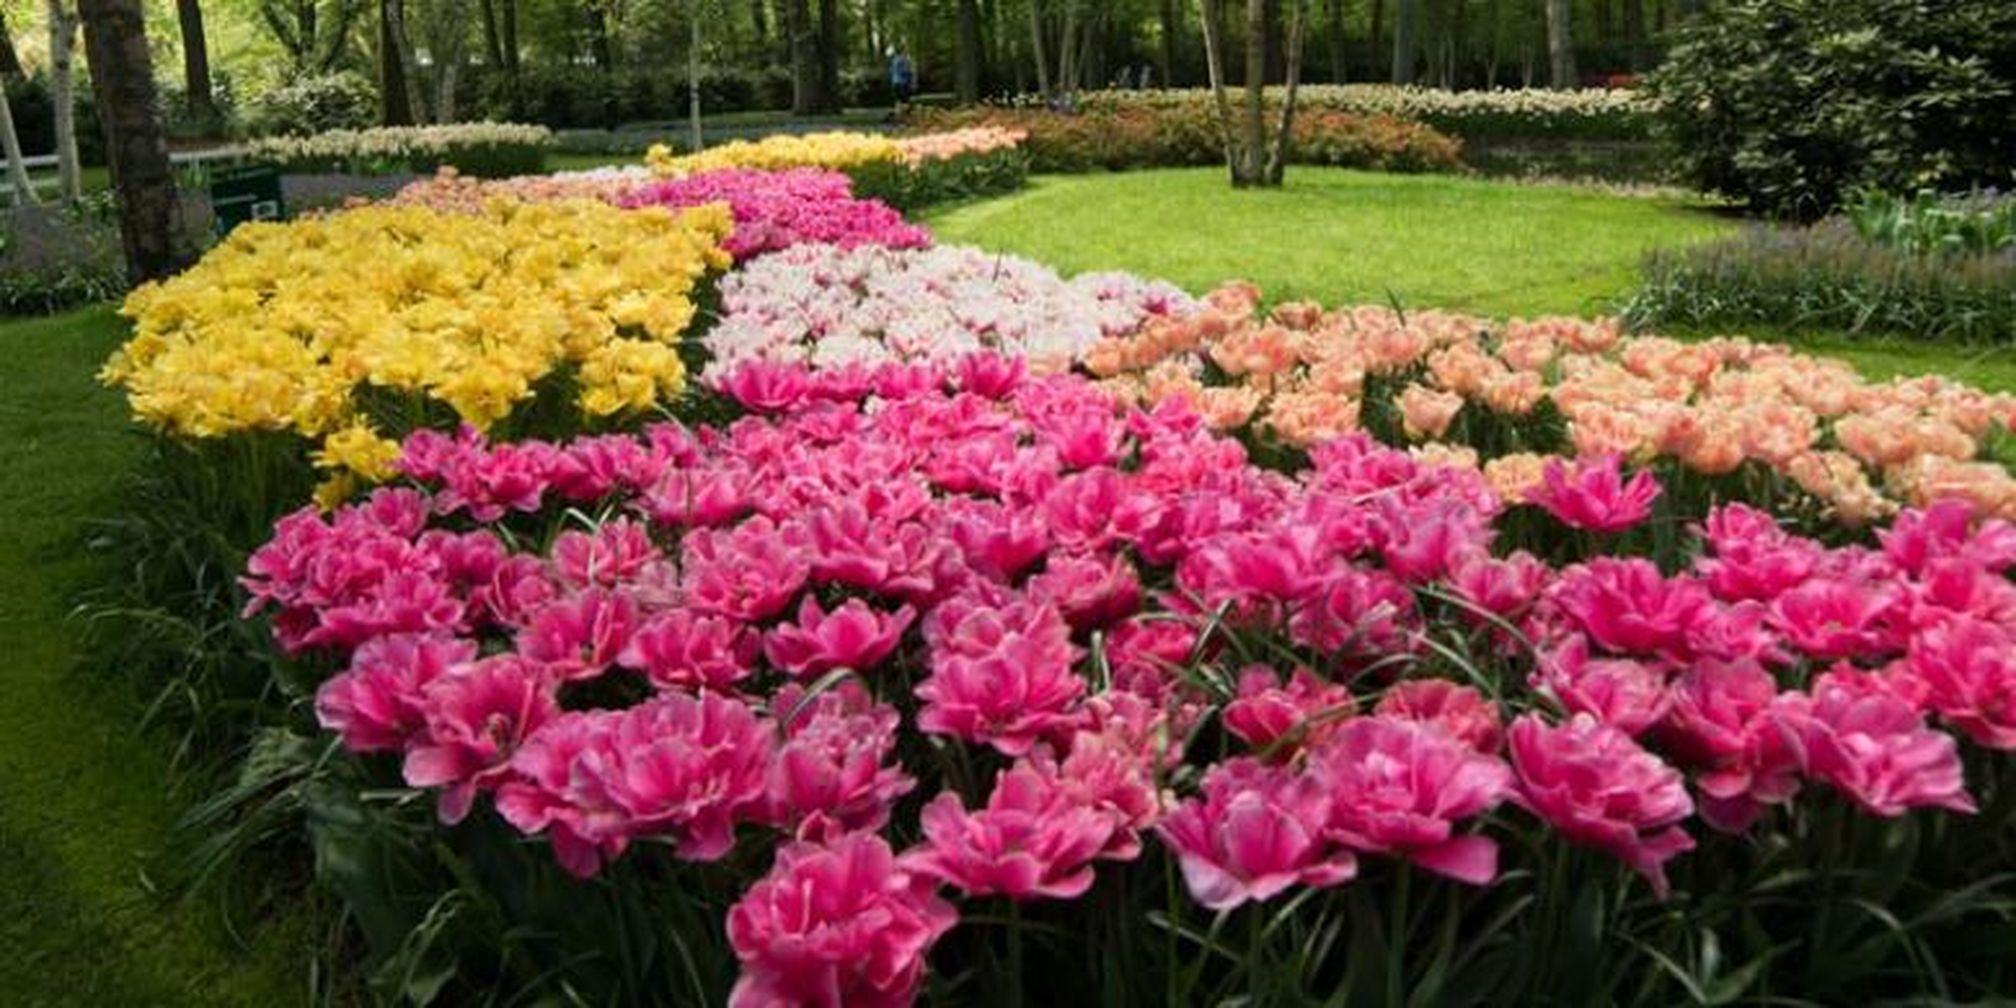 82 Gambar Taman Bunga Tulip Di Belanda Kekinian